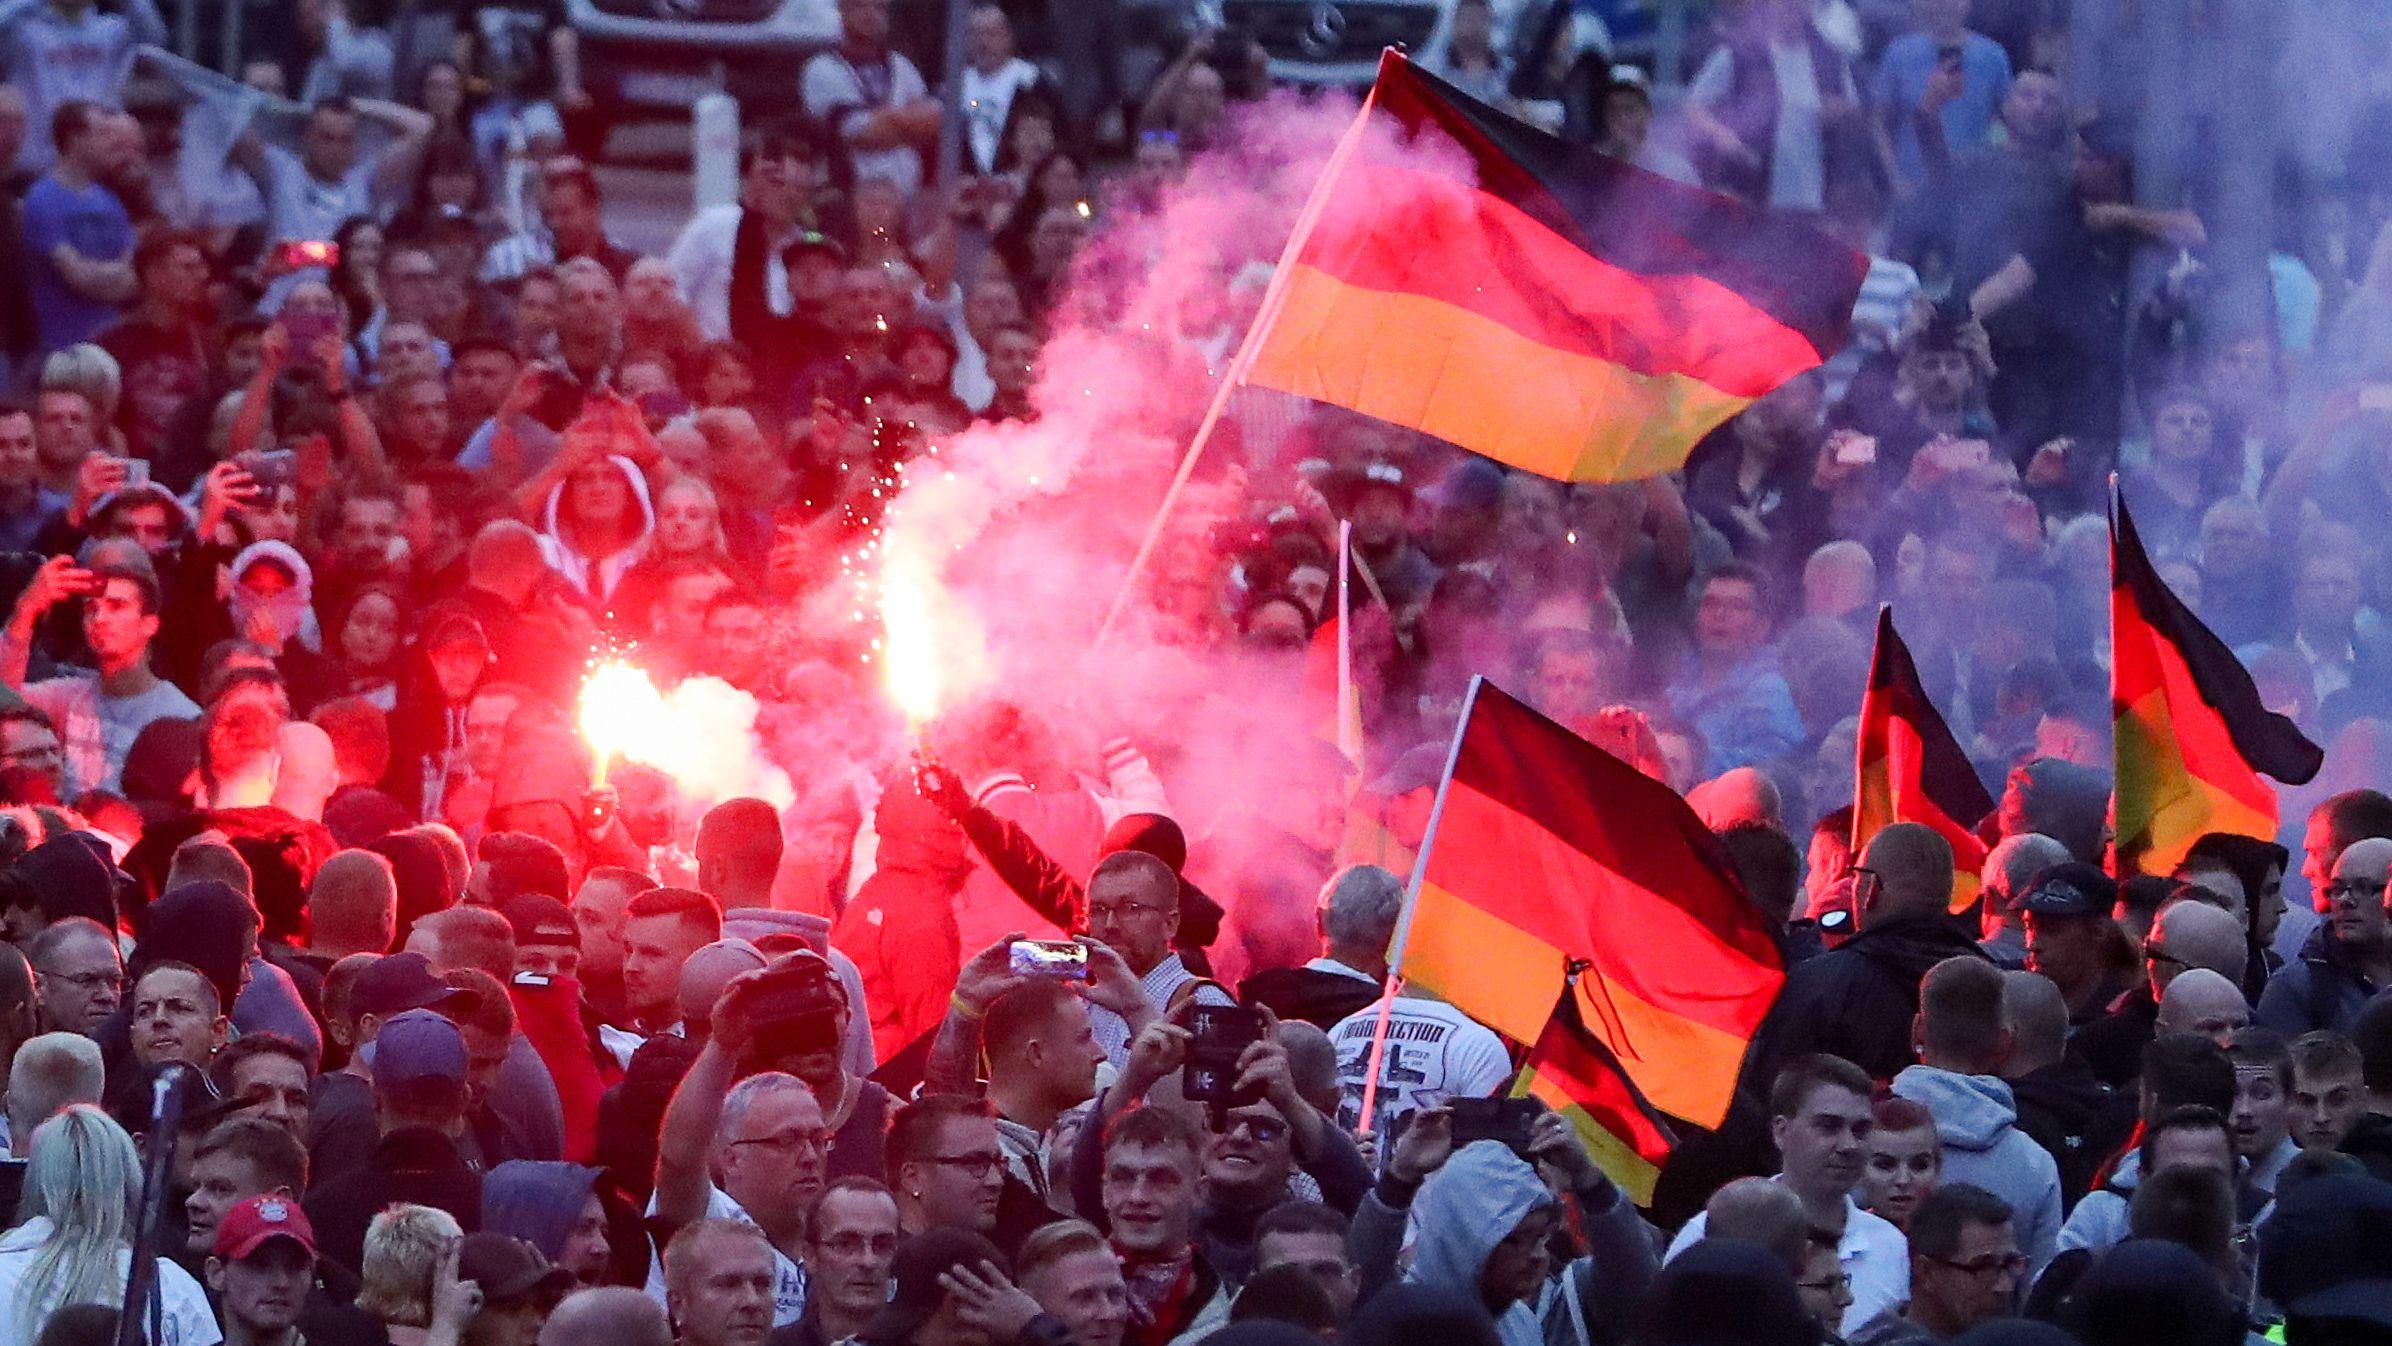 Demonstration der rechten Szene in Chemnitz (August 2018): Menschenmenge mit Deutschlandfahnen und Leuchtfeuern